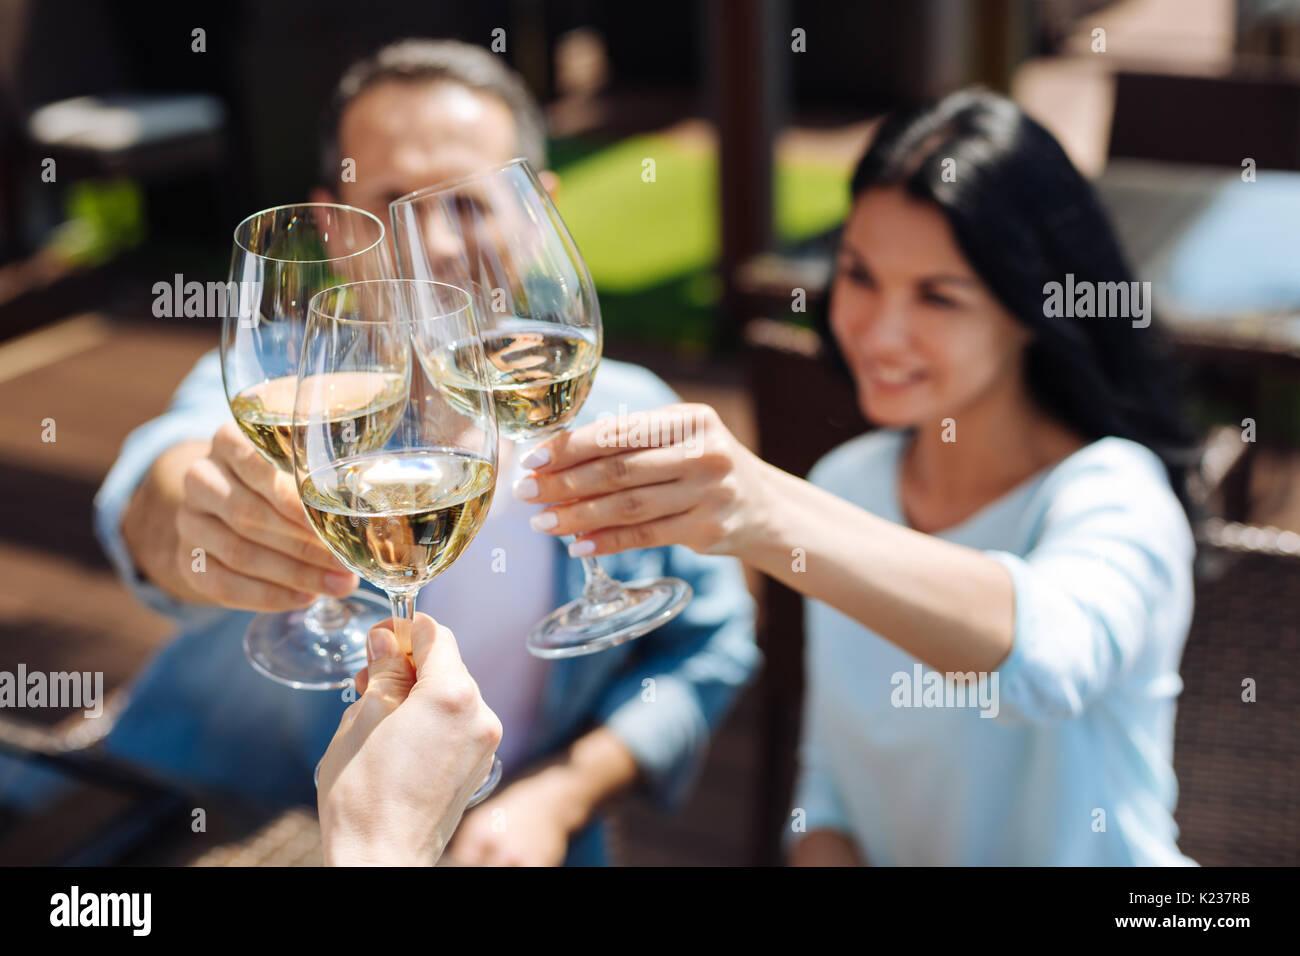 Selektiver Fokus der Gläser mit Wein gefüllt Stockbild